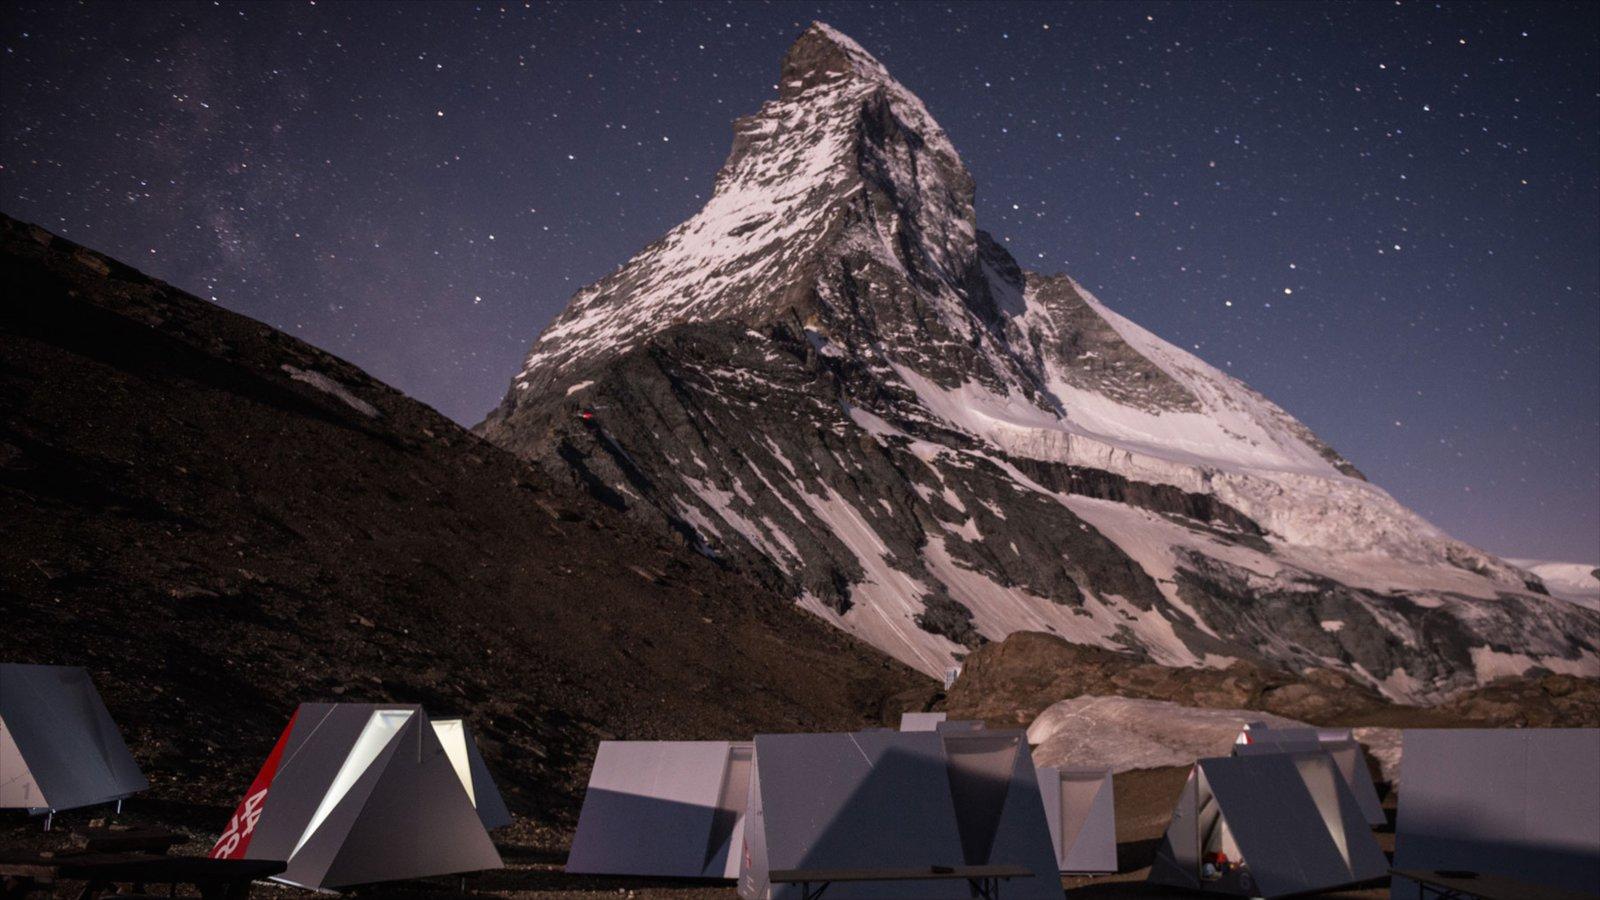 Matterhorn que incluye montañas, escenas nocturnas y nieve